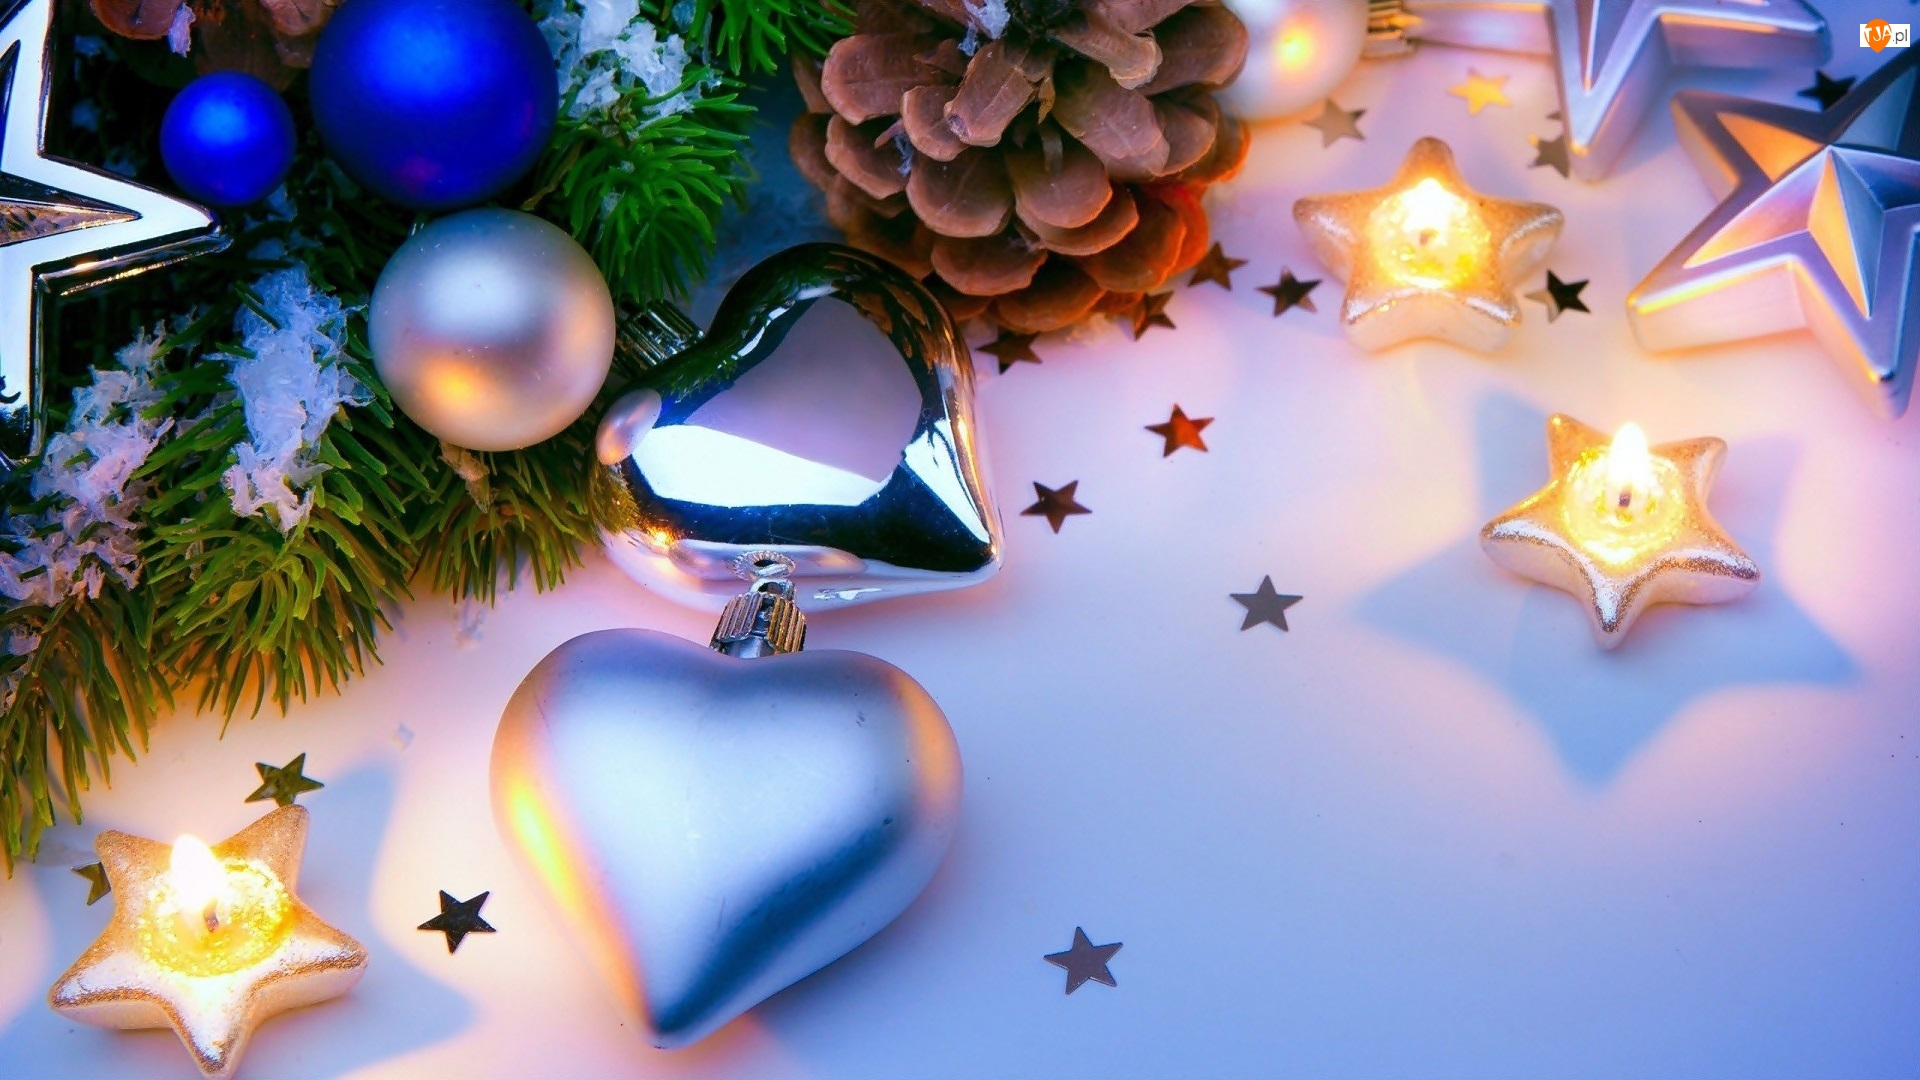 Szyszka, Bombki, Świąteczna, Kompozycja, Gwiazdki, Boże Narodzenie, Świeczki